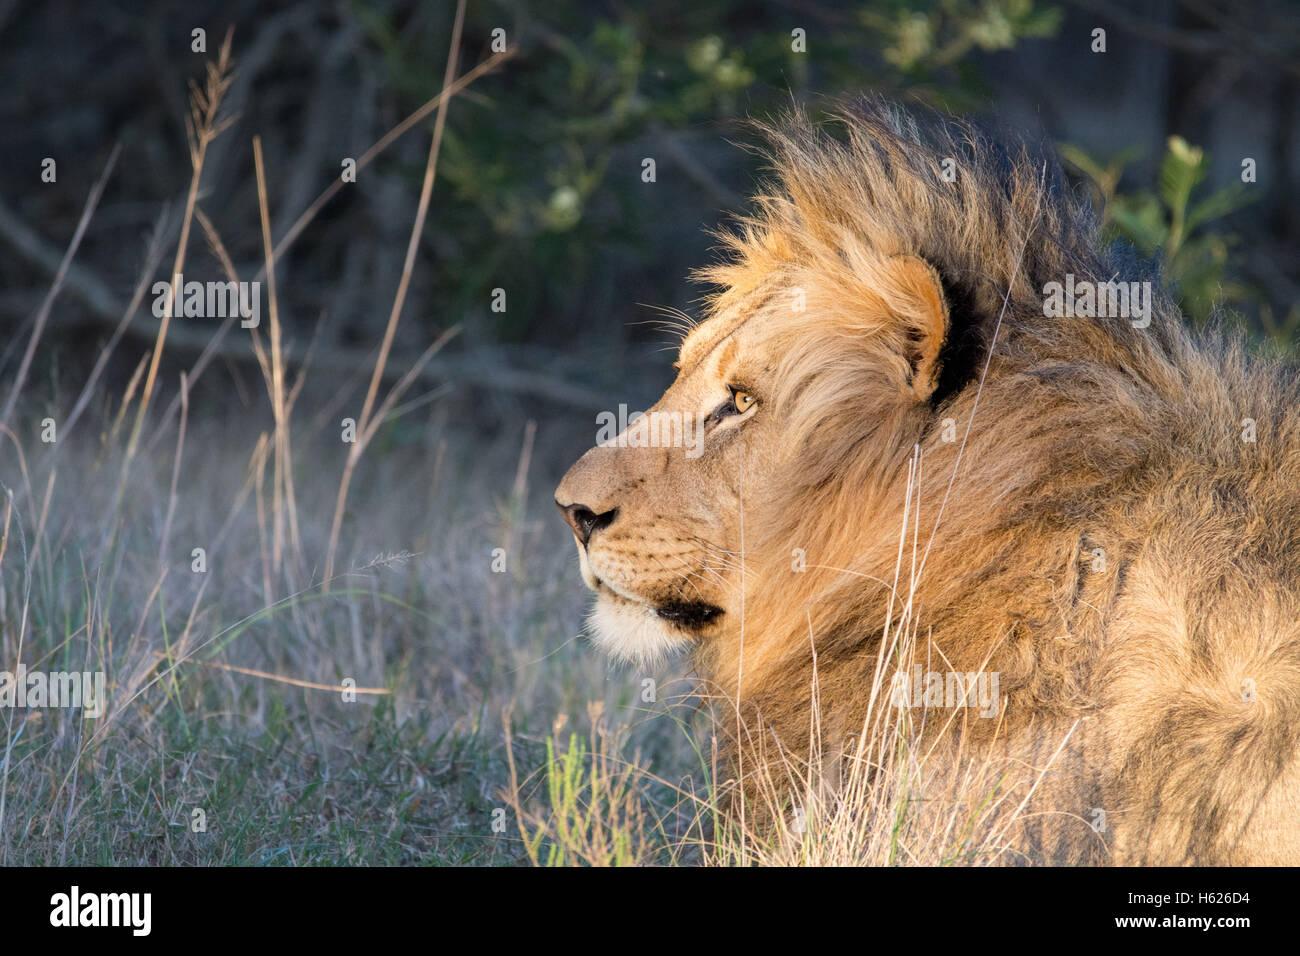 Lion reposant, appréciant le soleil couchant. Banque D'Images